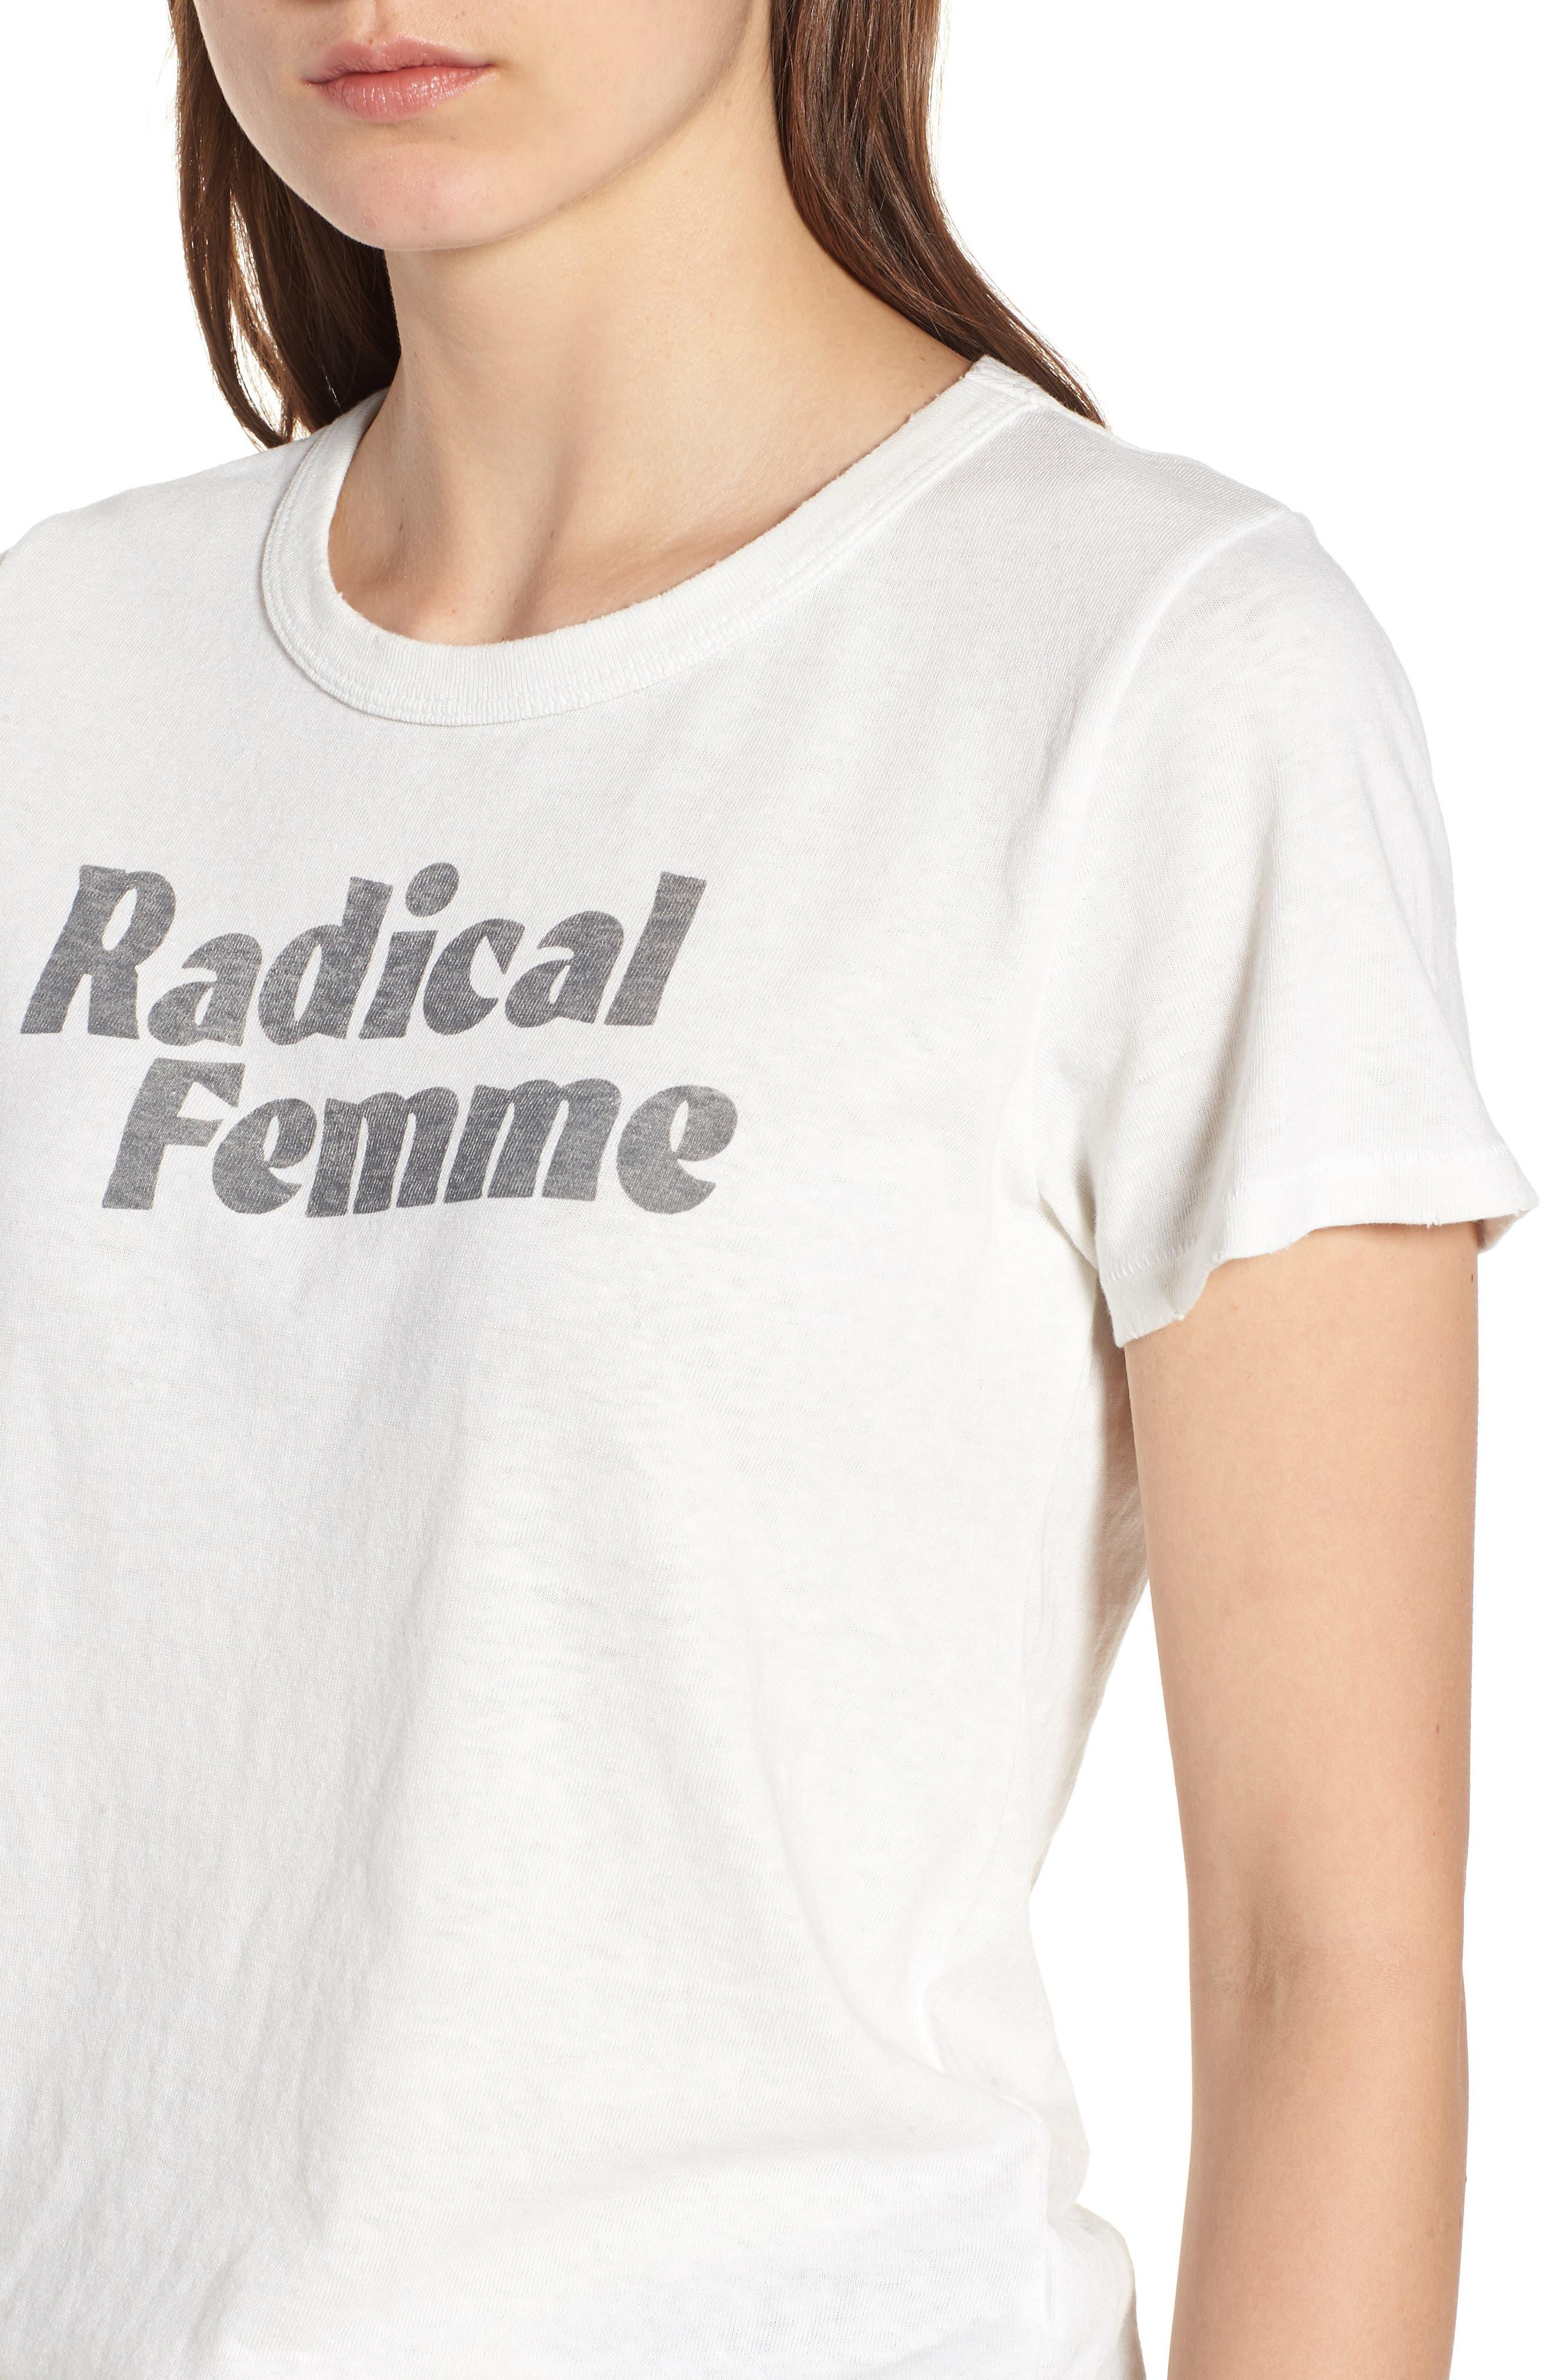 Radical Femme Tee,                             Alternate thumbnail 4, color,                             Vintage White